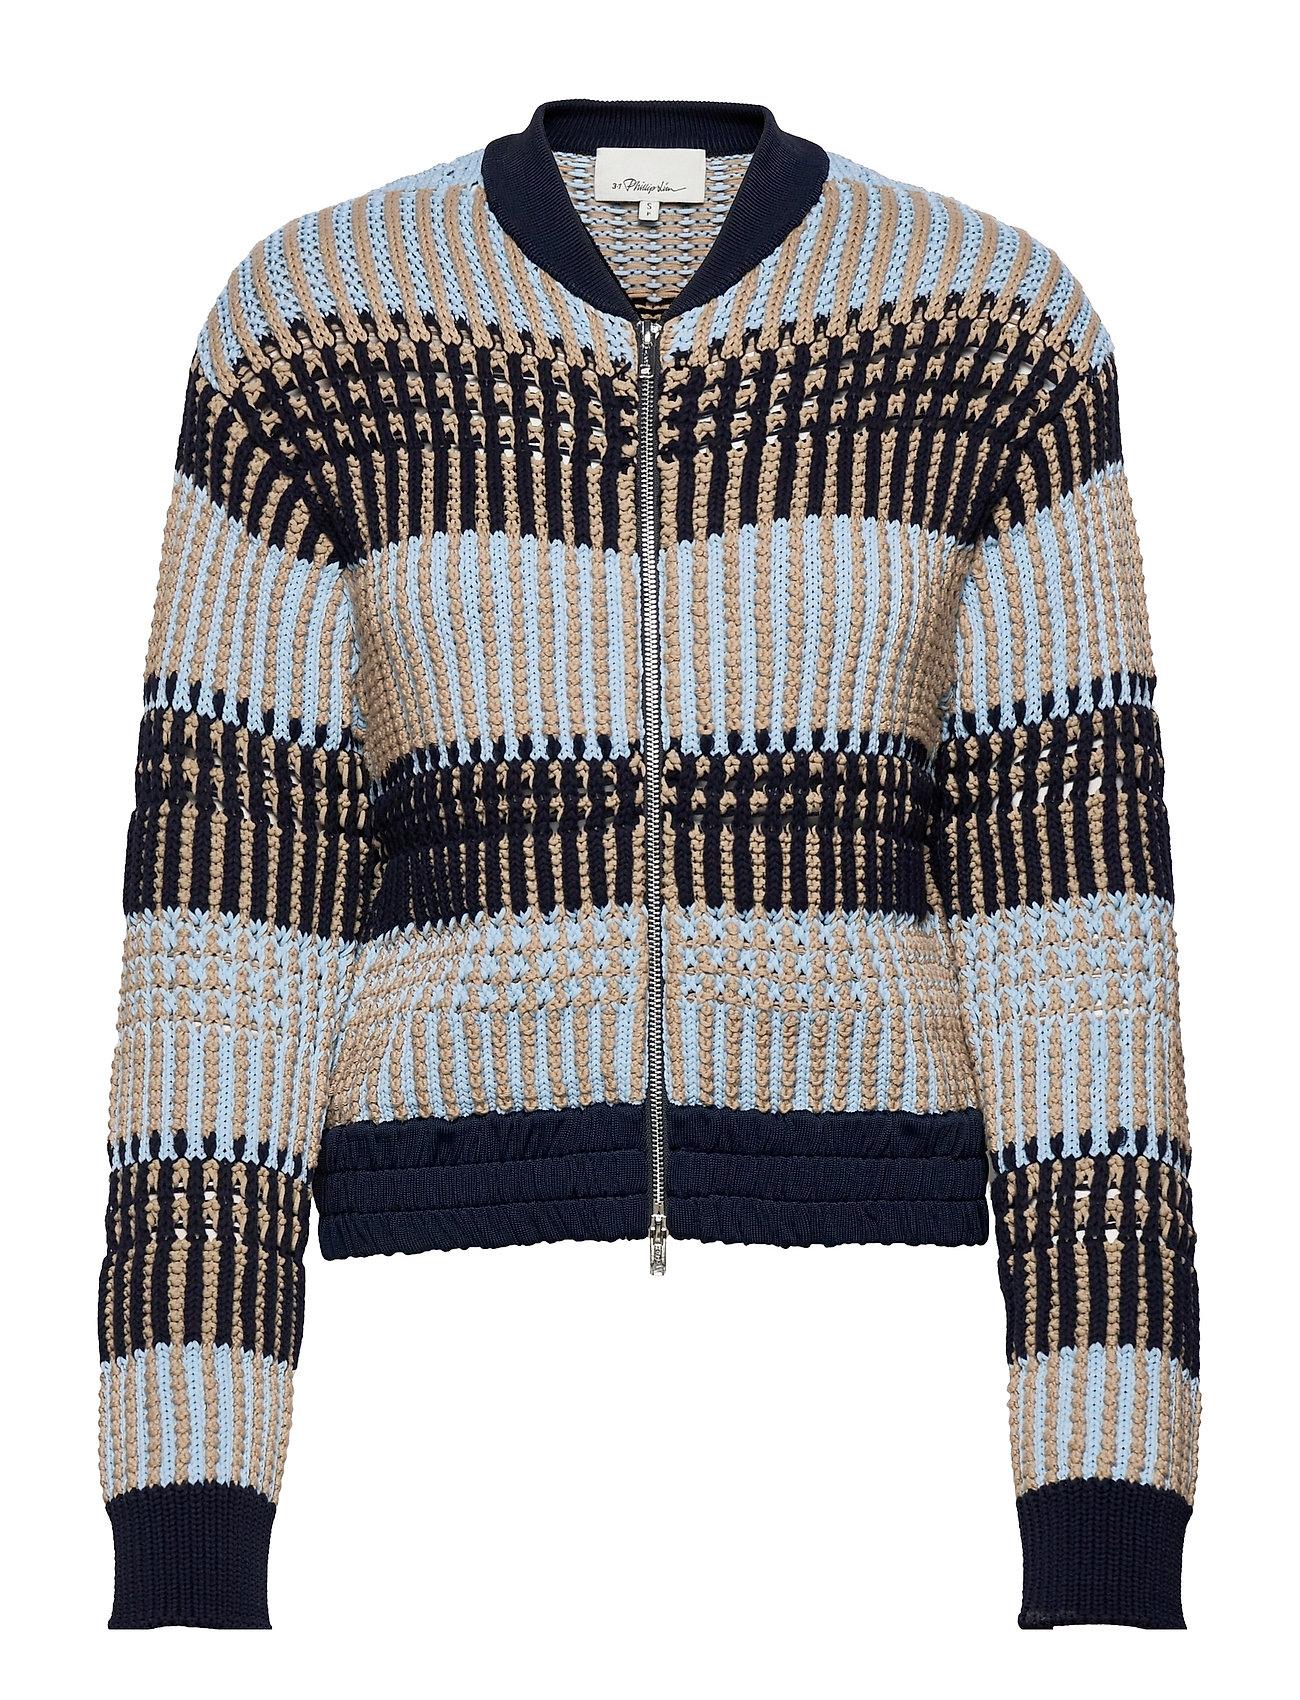 P212-7452pte / Bold Striped Knit Jacket Strikket Trøje Cardigan Blå 3.1 Phillip Lim